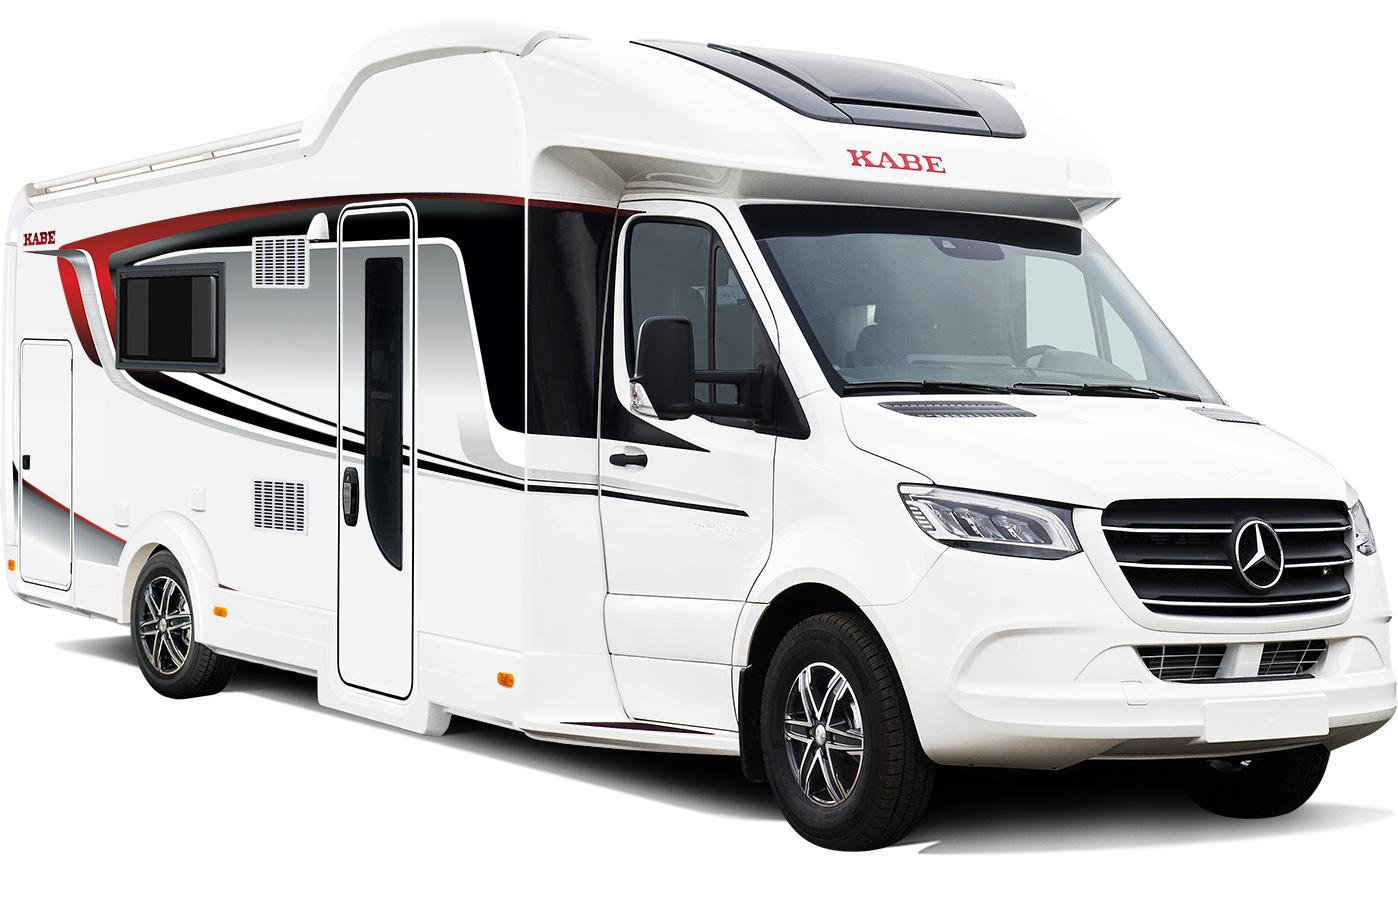 Kabe - Royal x780 LT